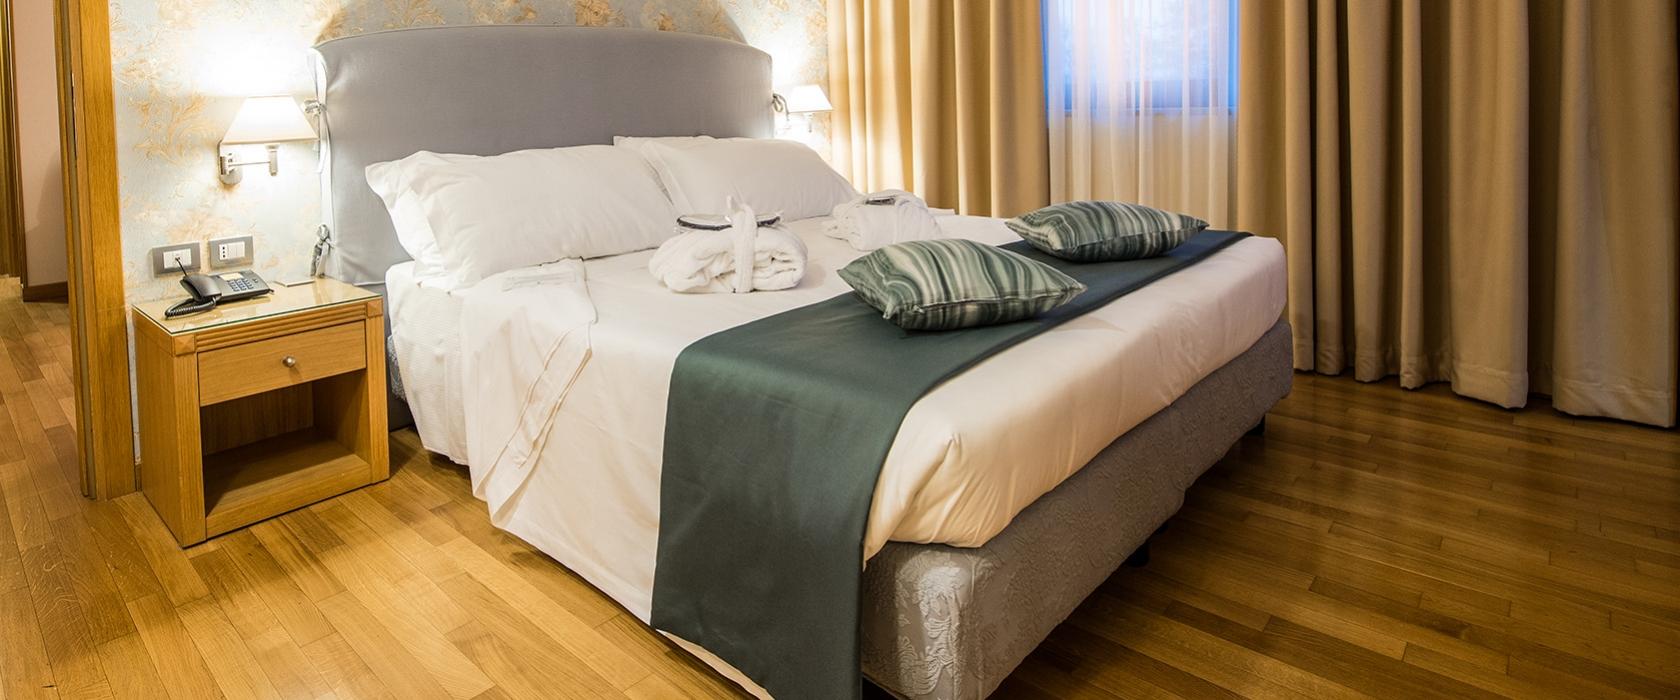 Nell'Hotel Touring di Carpi trovi meravigliose suite